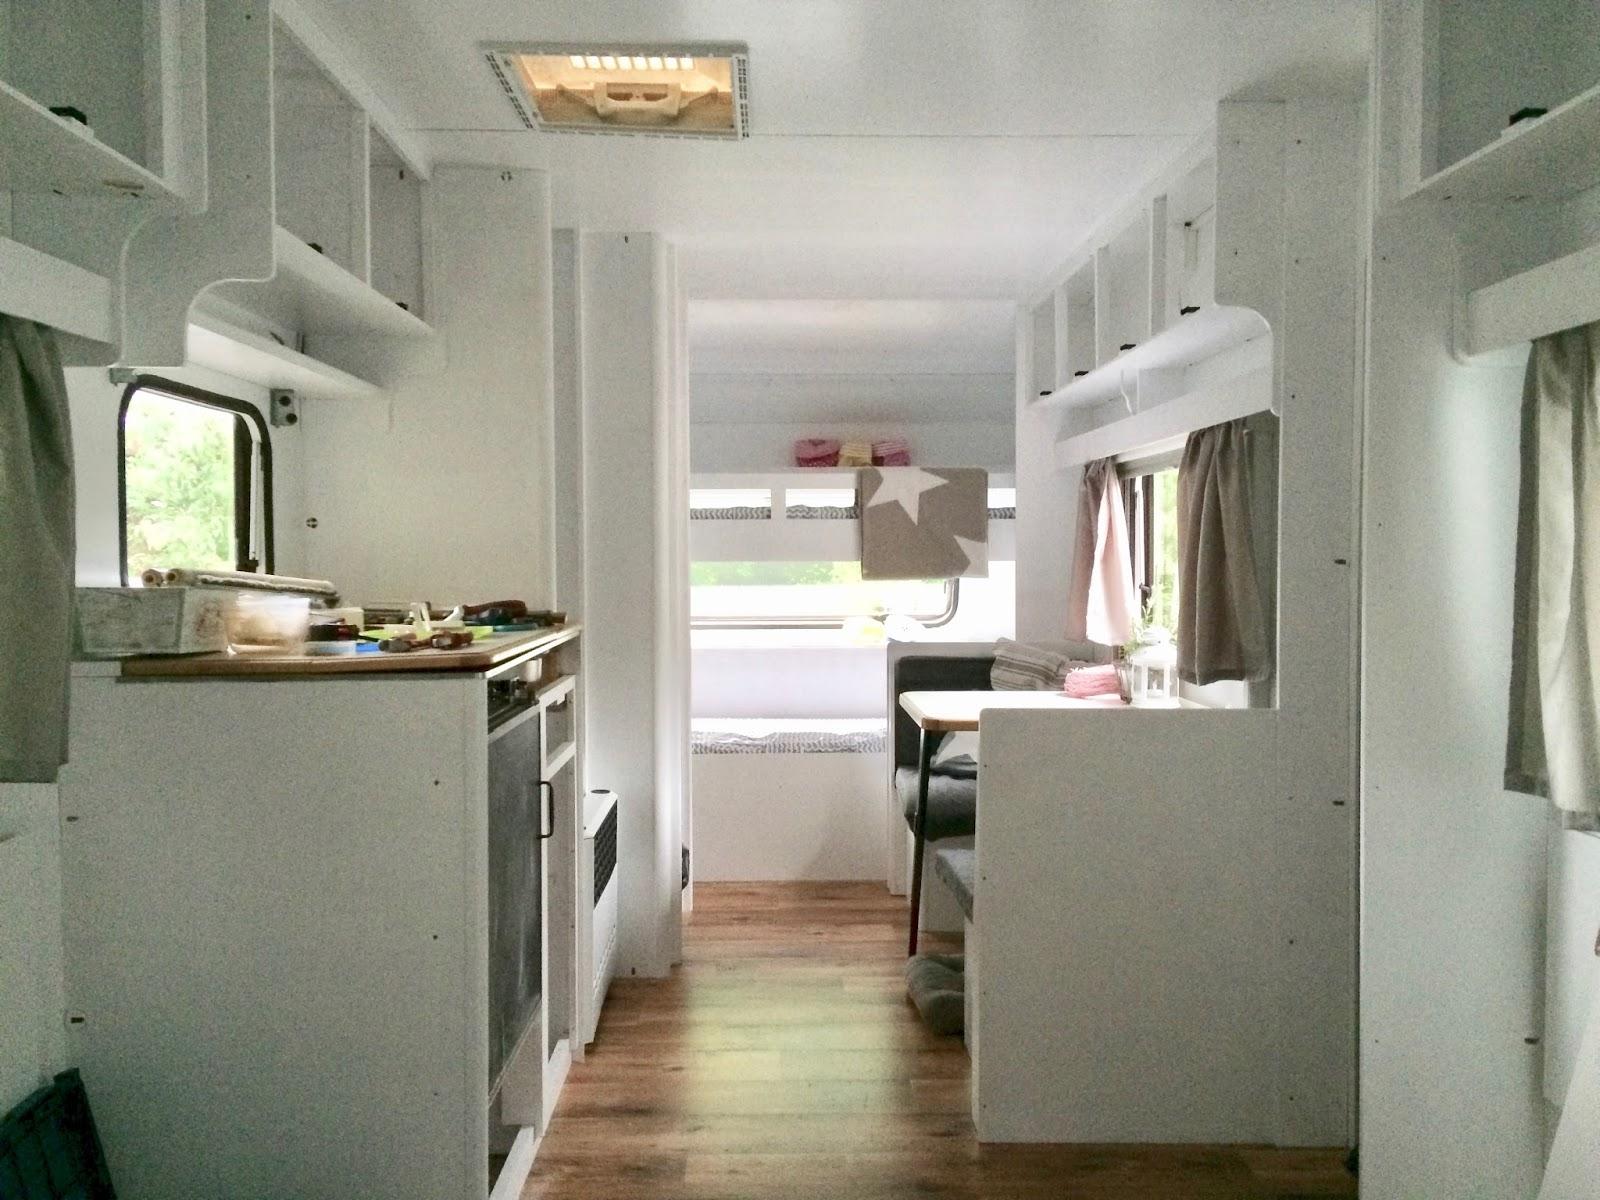 Wohnwagen Renovieren glücksfeder weiße nägel mit köpfen so haben wir unseren wohnwagen